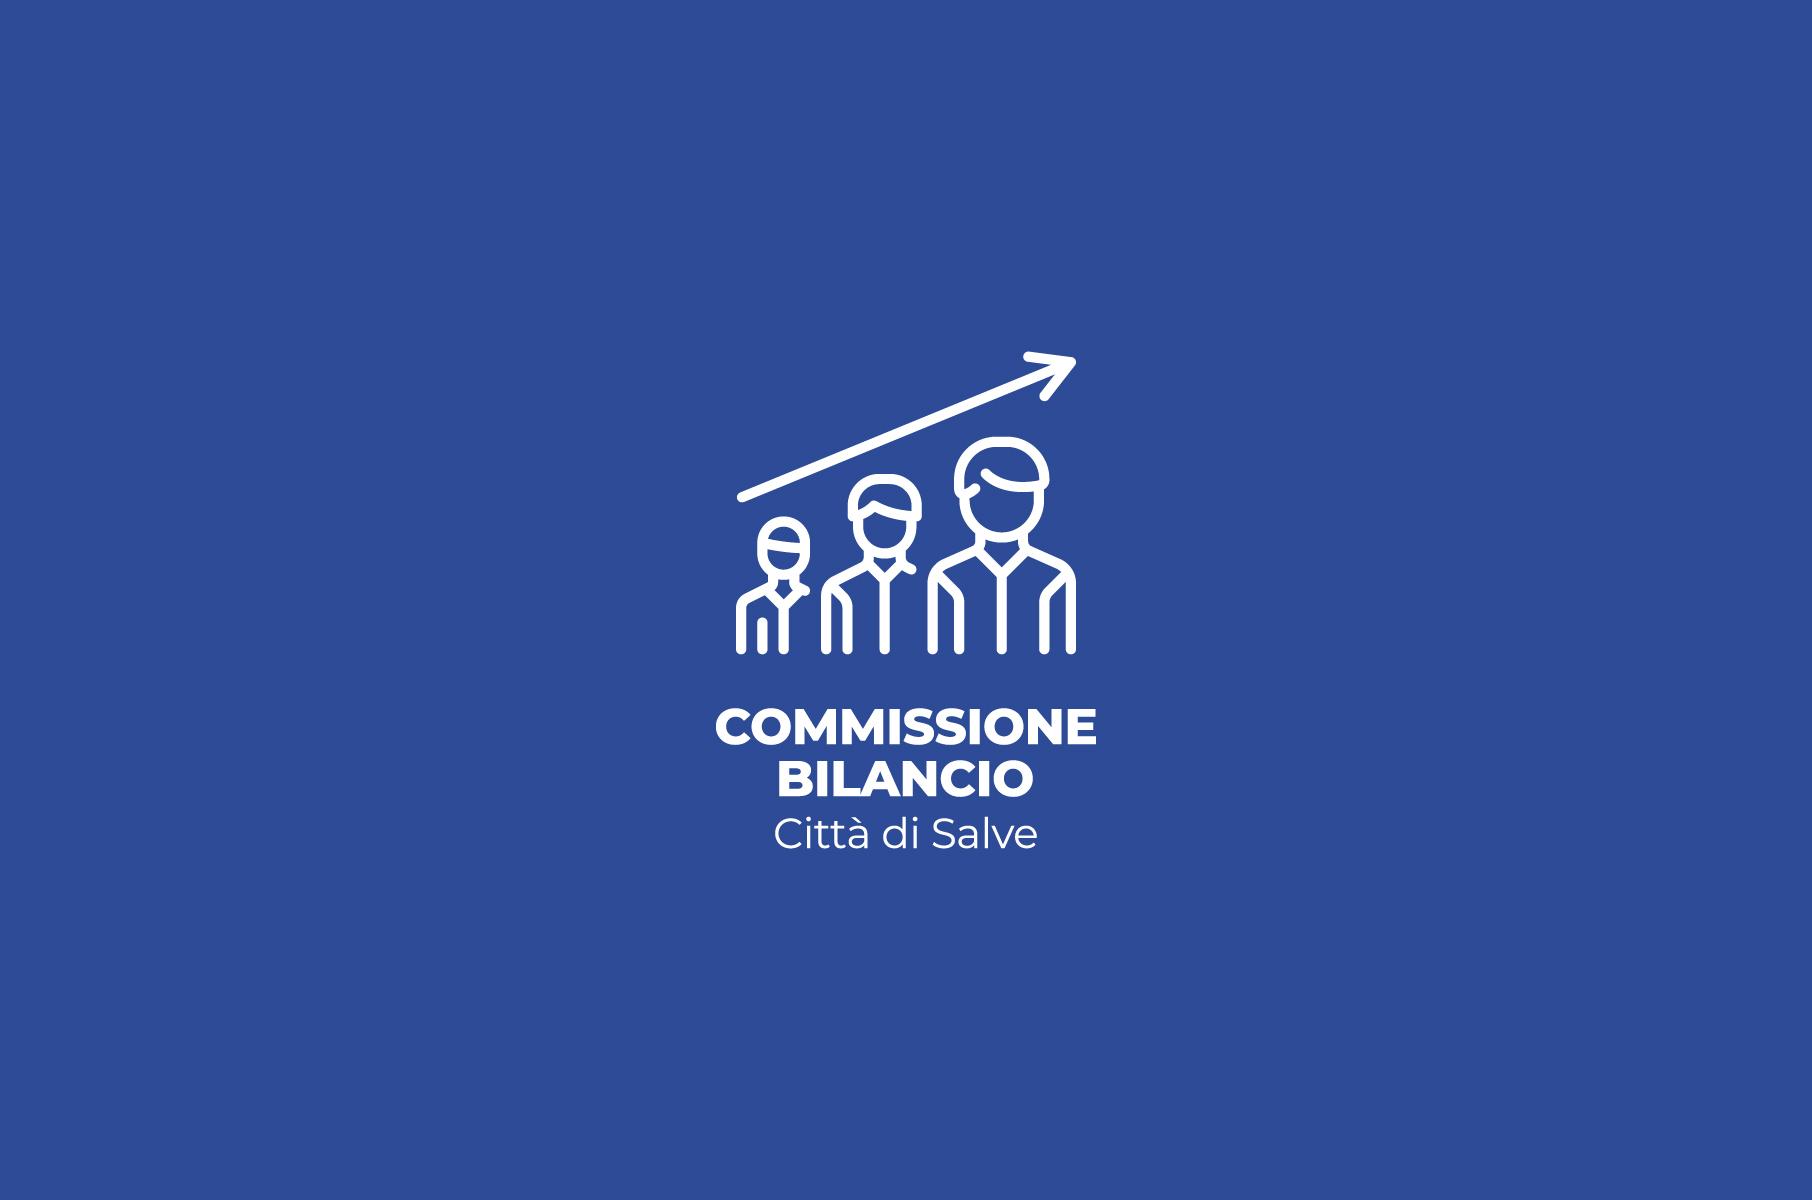 Commissione bilancio Comune di Salve